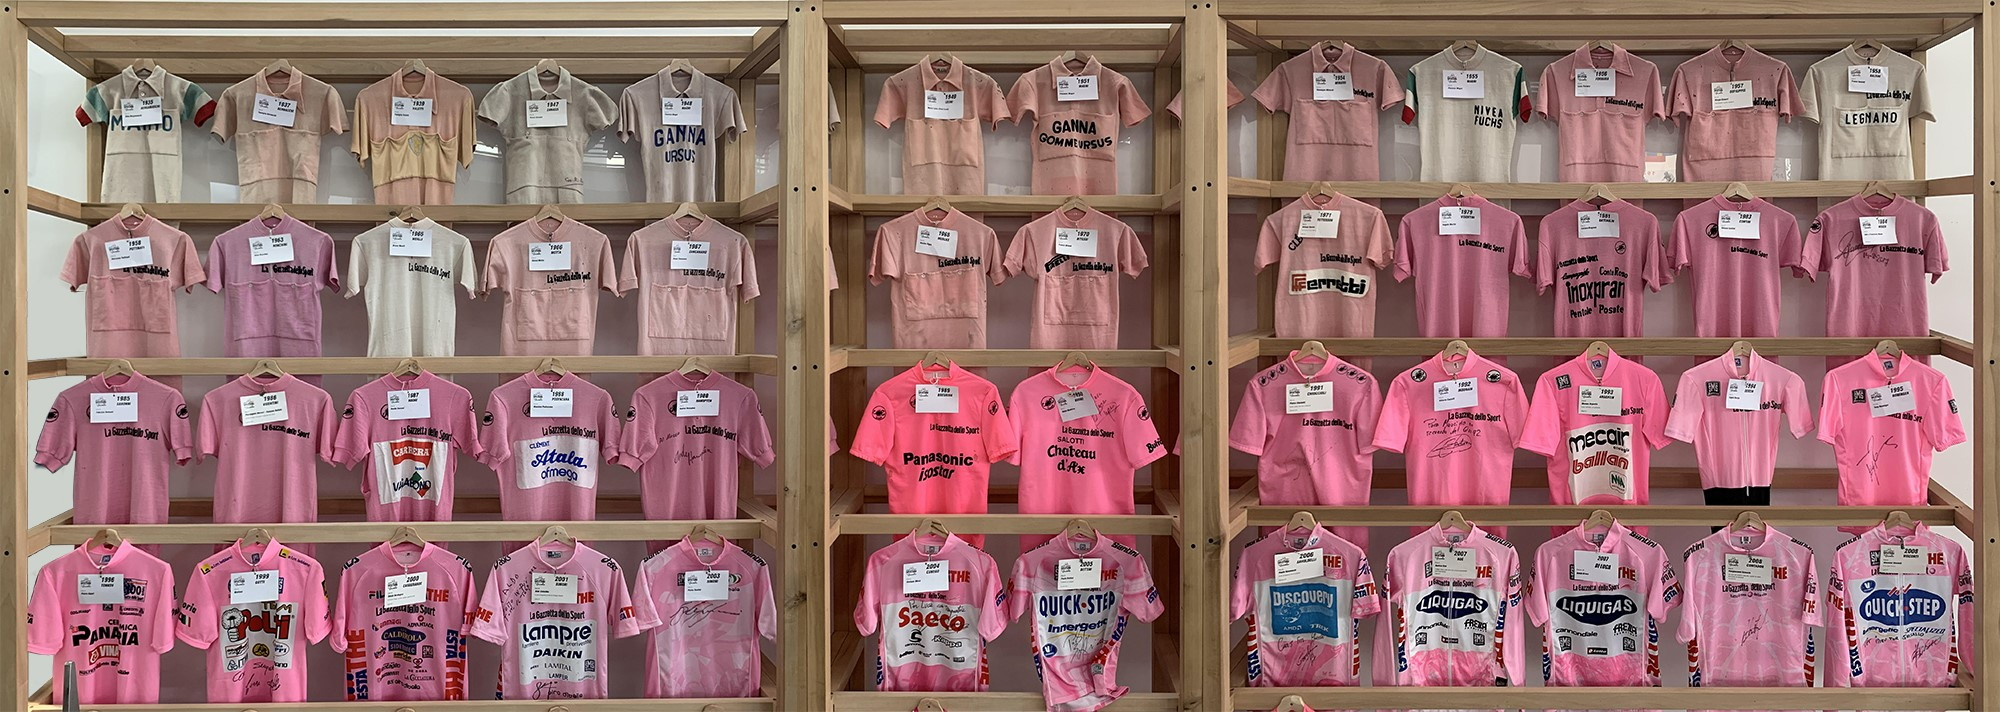 <p>Un'icona mondiale: la maglia rosa che viene indossata ogni giorno dal leader della classifica generale.</p>